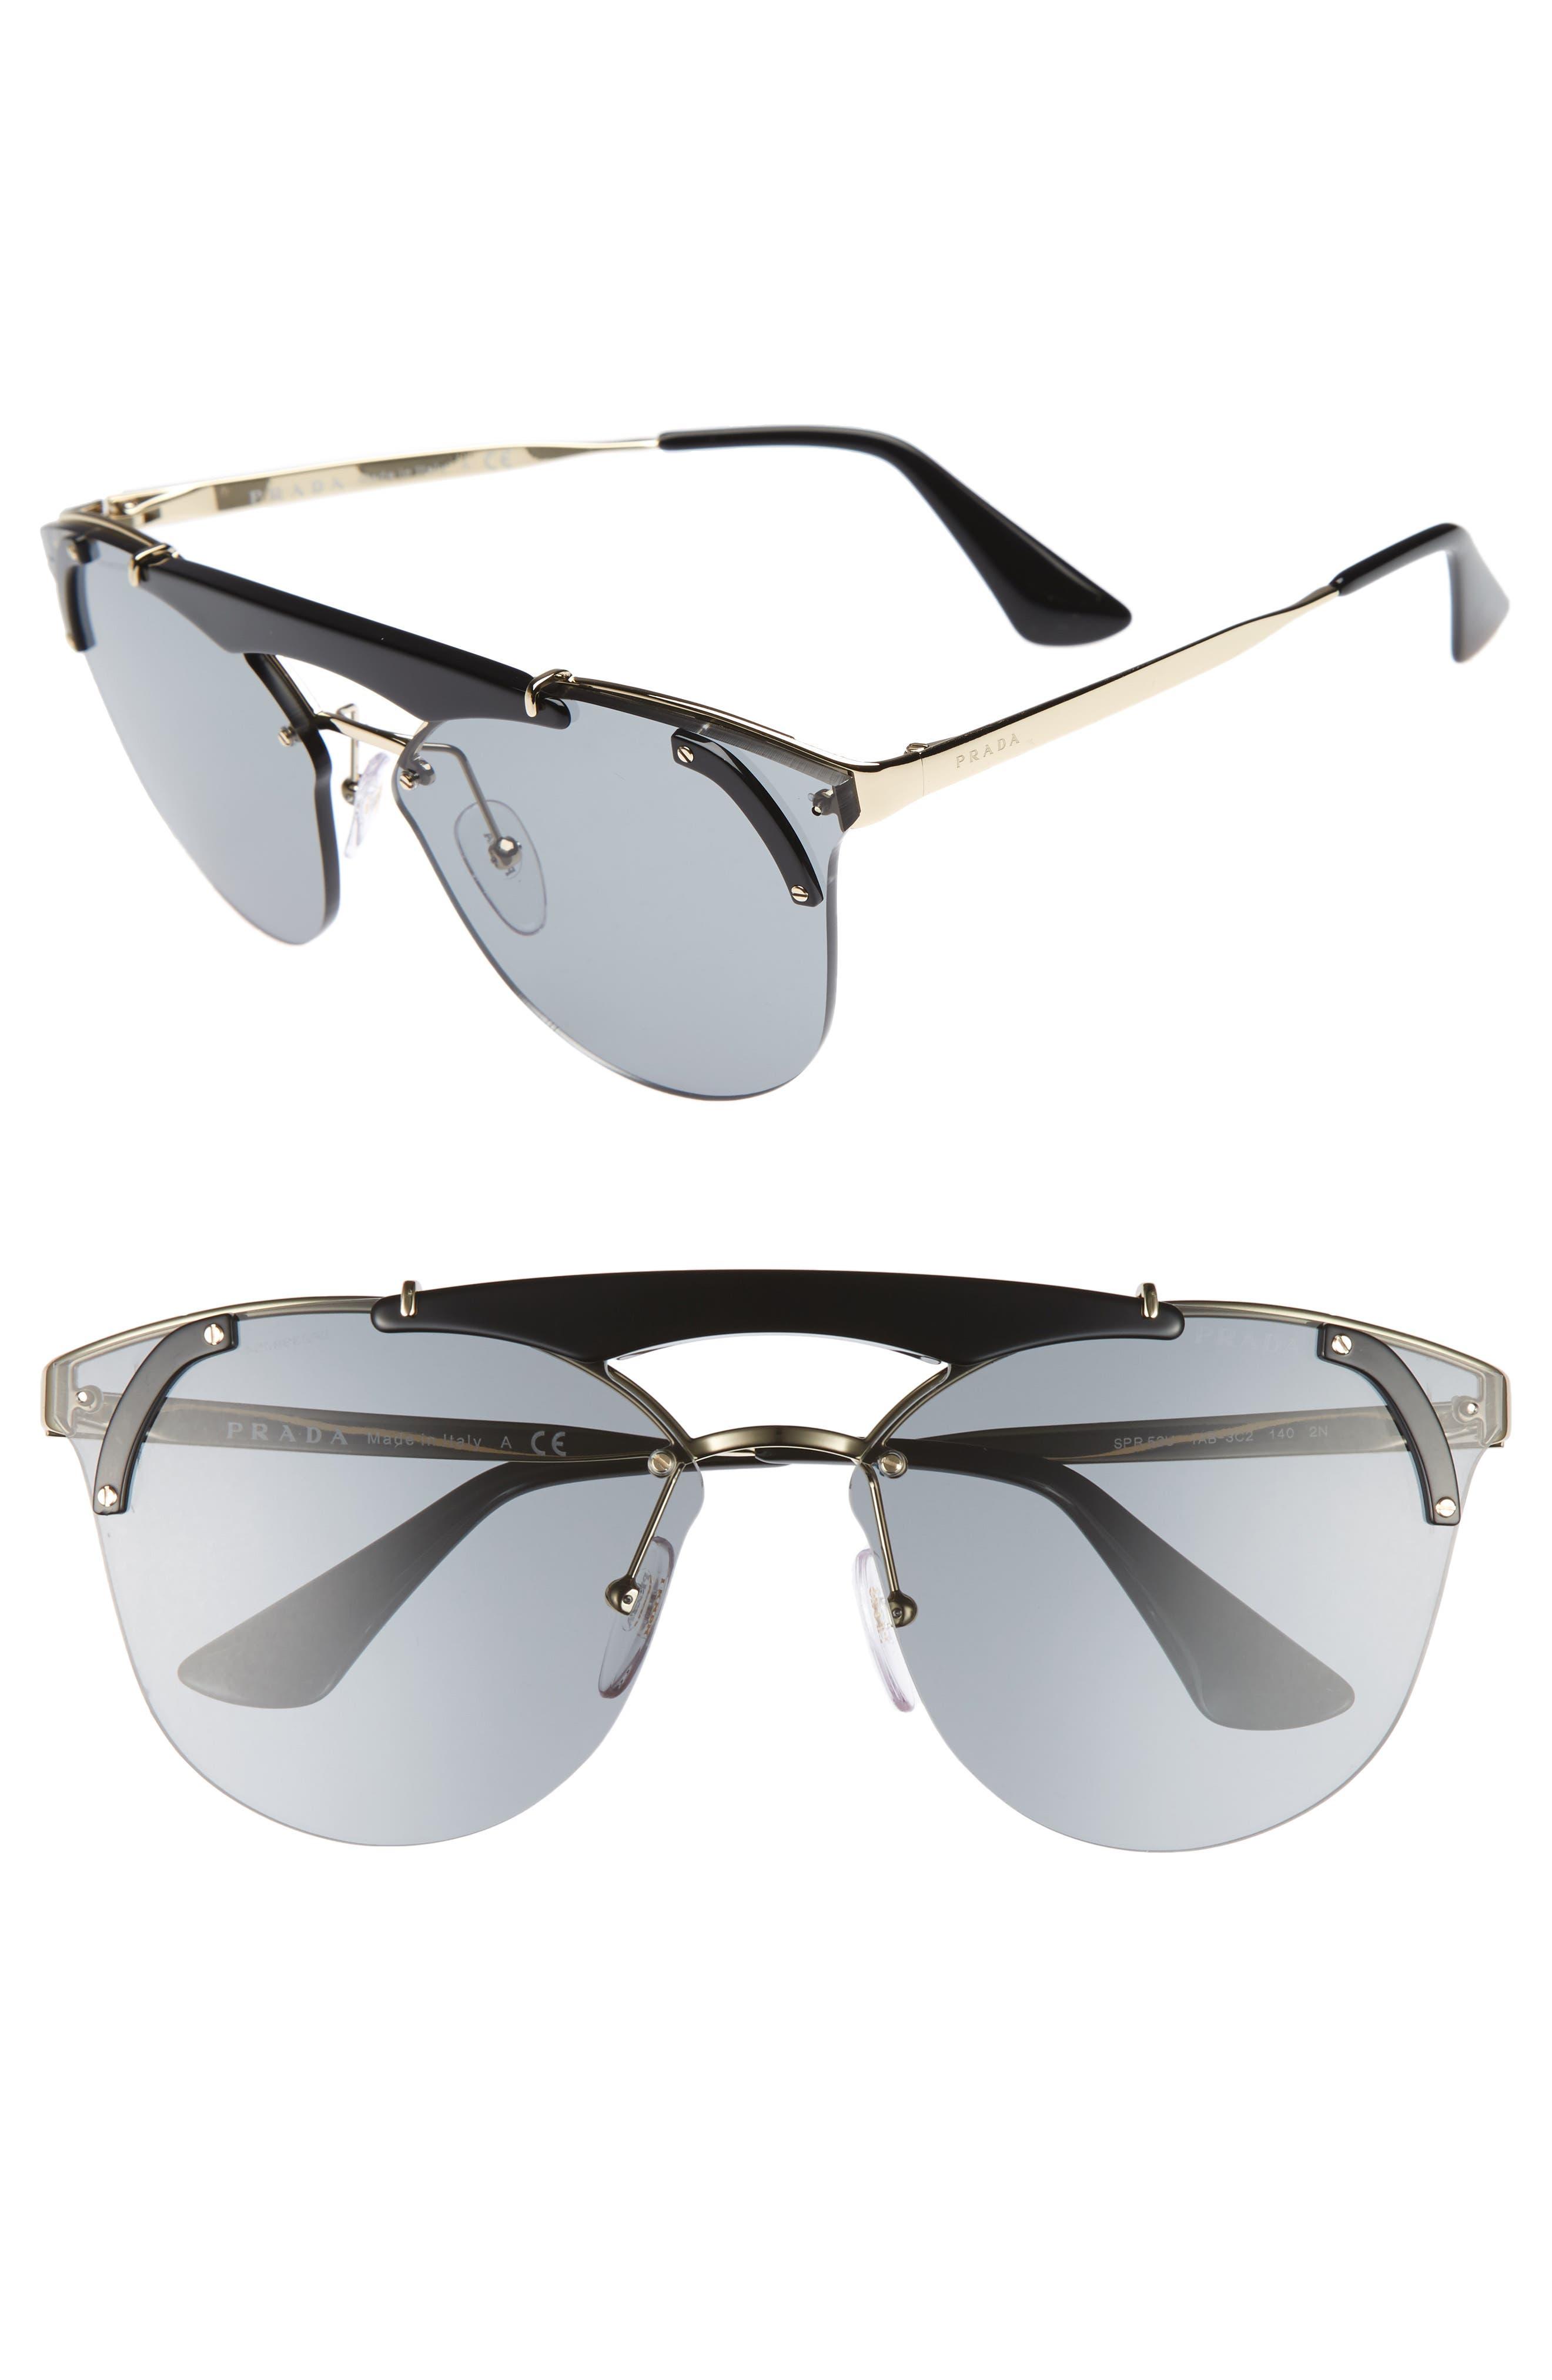 Main Image - Prada 53mm Round Sunglasses